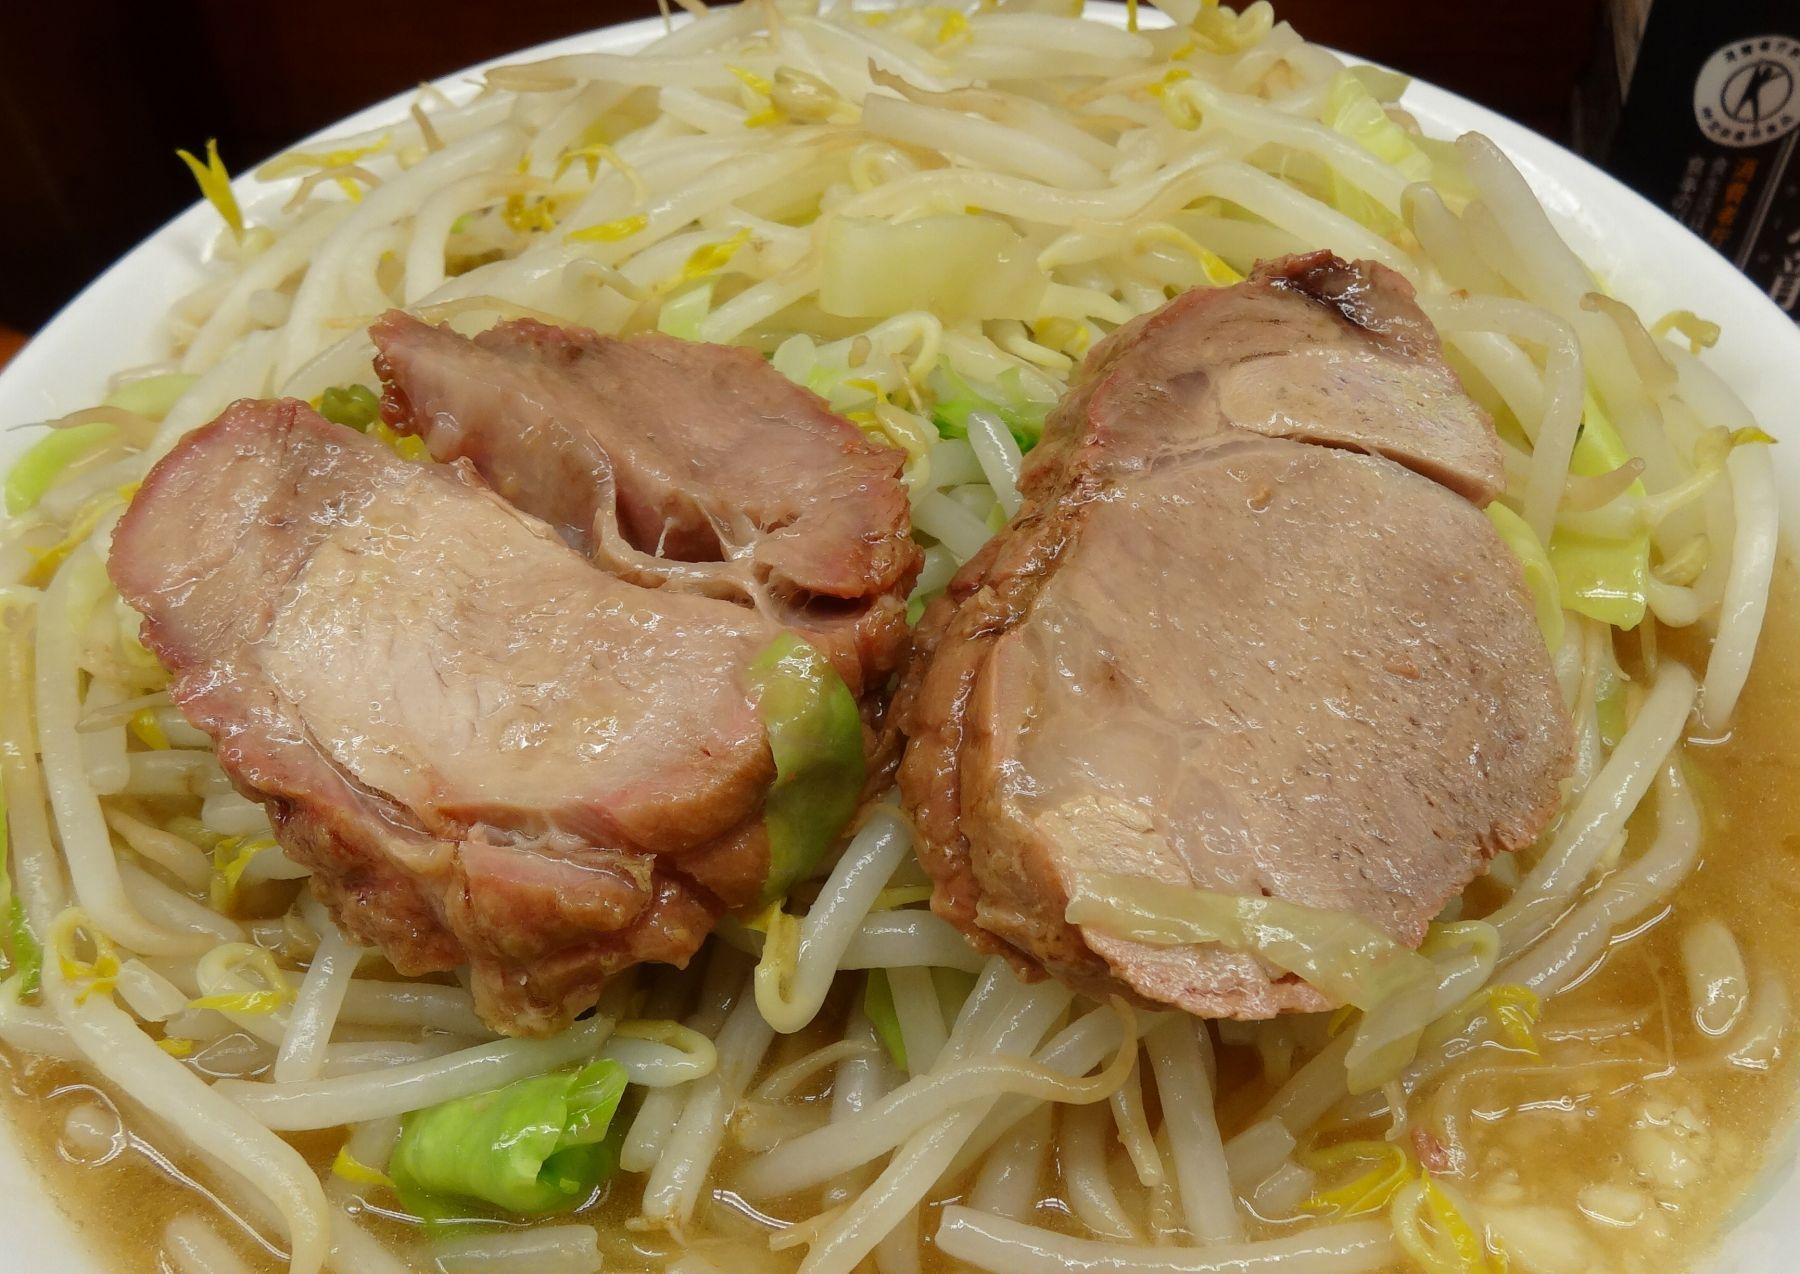 20121117009tachikawa.jpg